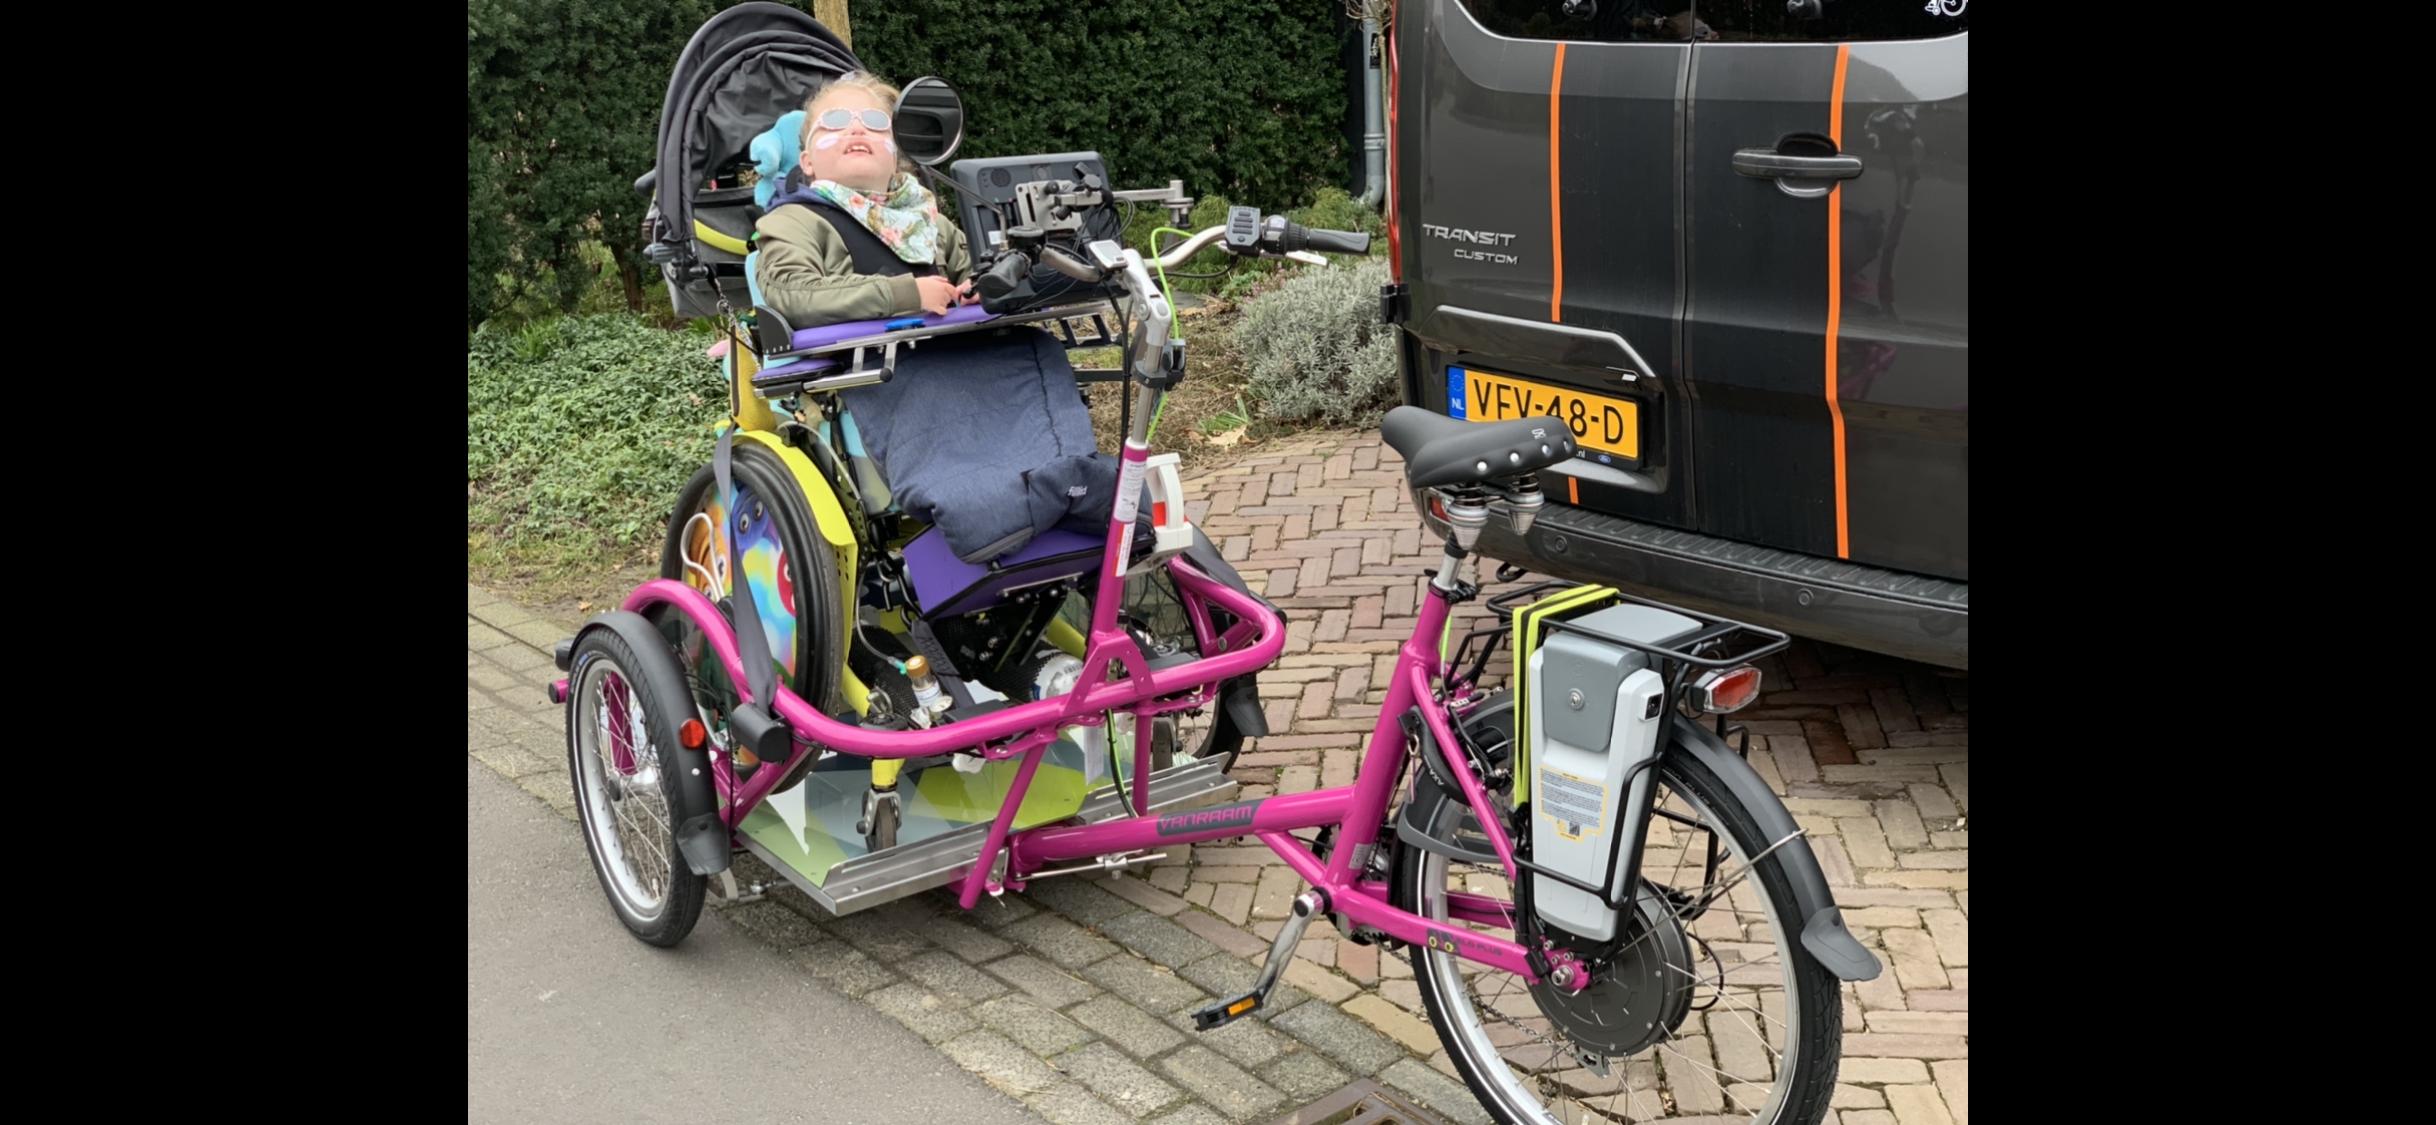 Lily (8) bont en blauw na salto's met gloednieuwe rolstoelfiets. 'Ze had ook haar nek wel kunnen breken'. Veroorzaker rijdt door